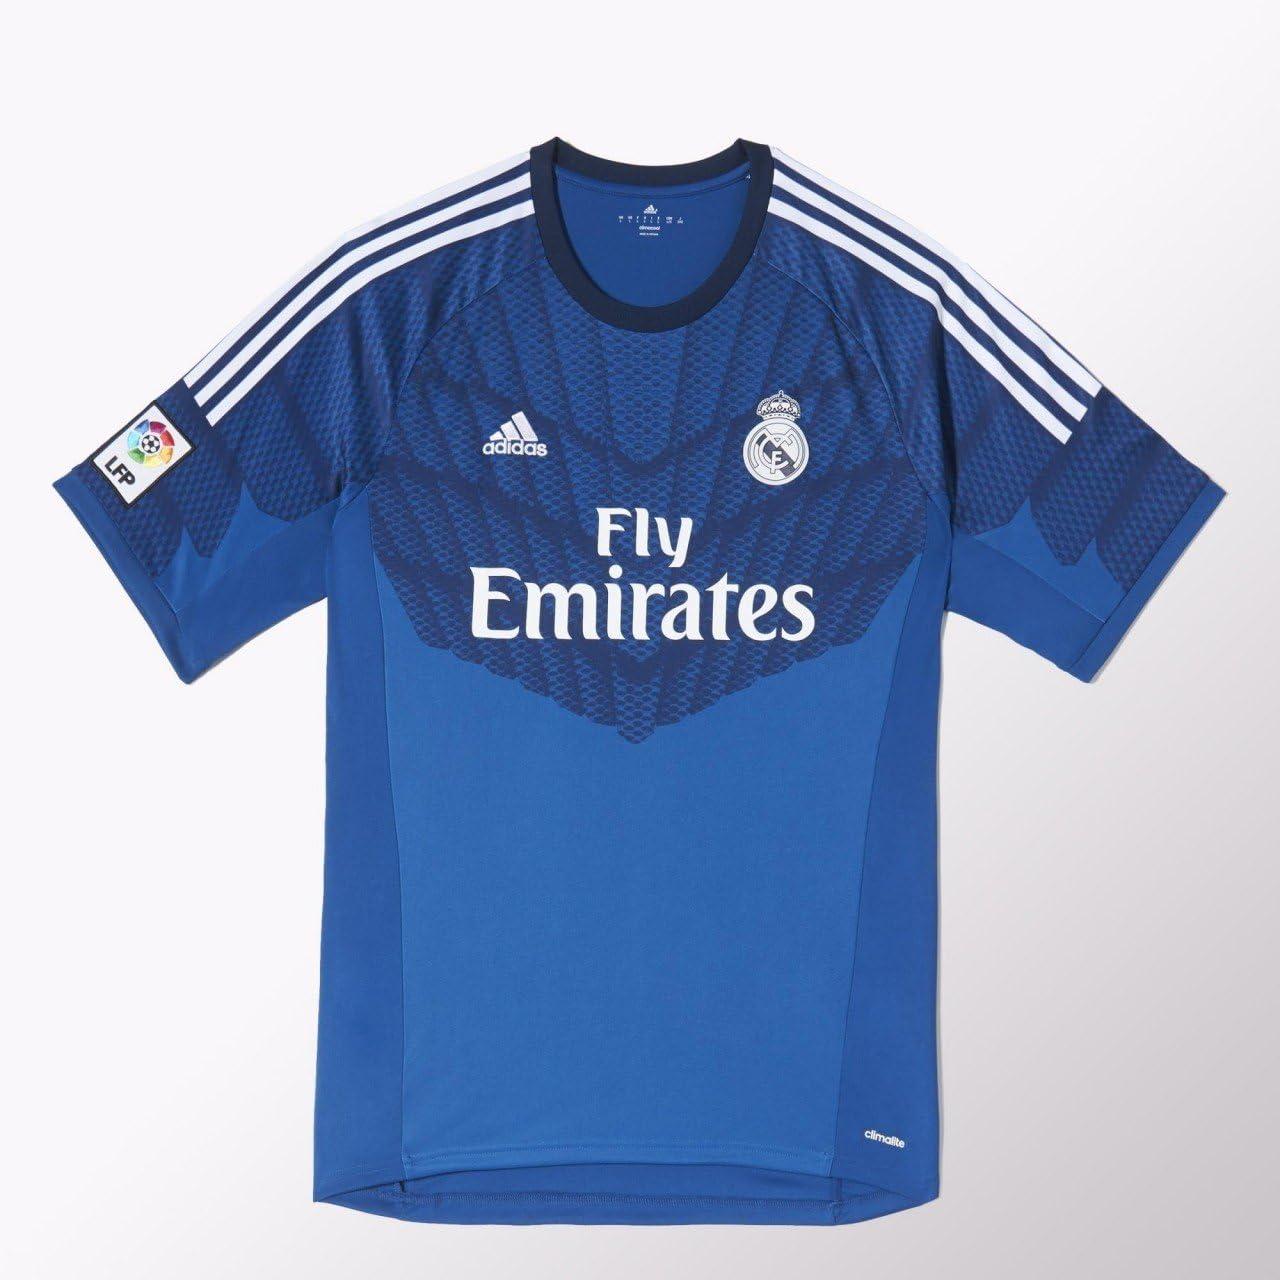 adidas Camiseta Portero Real Madrid Lone blue-Dark indigo Talla L: Amazon.es: Deportes y aire libre